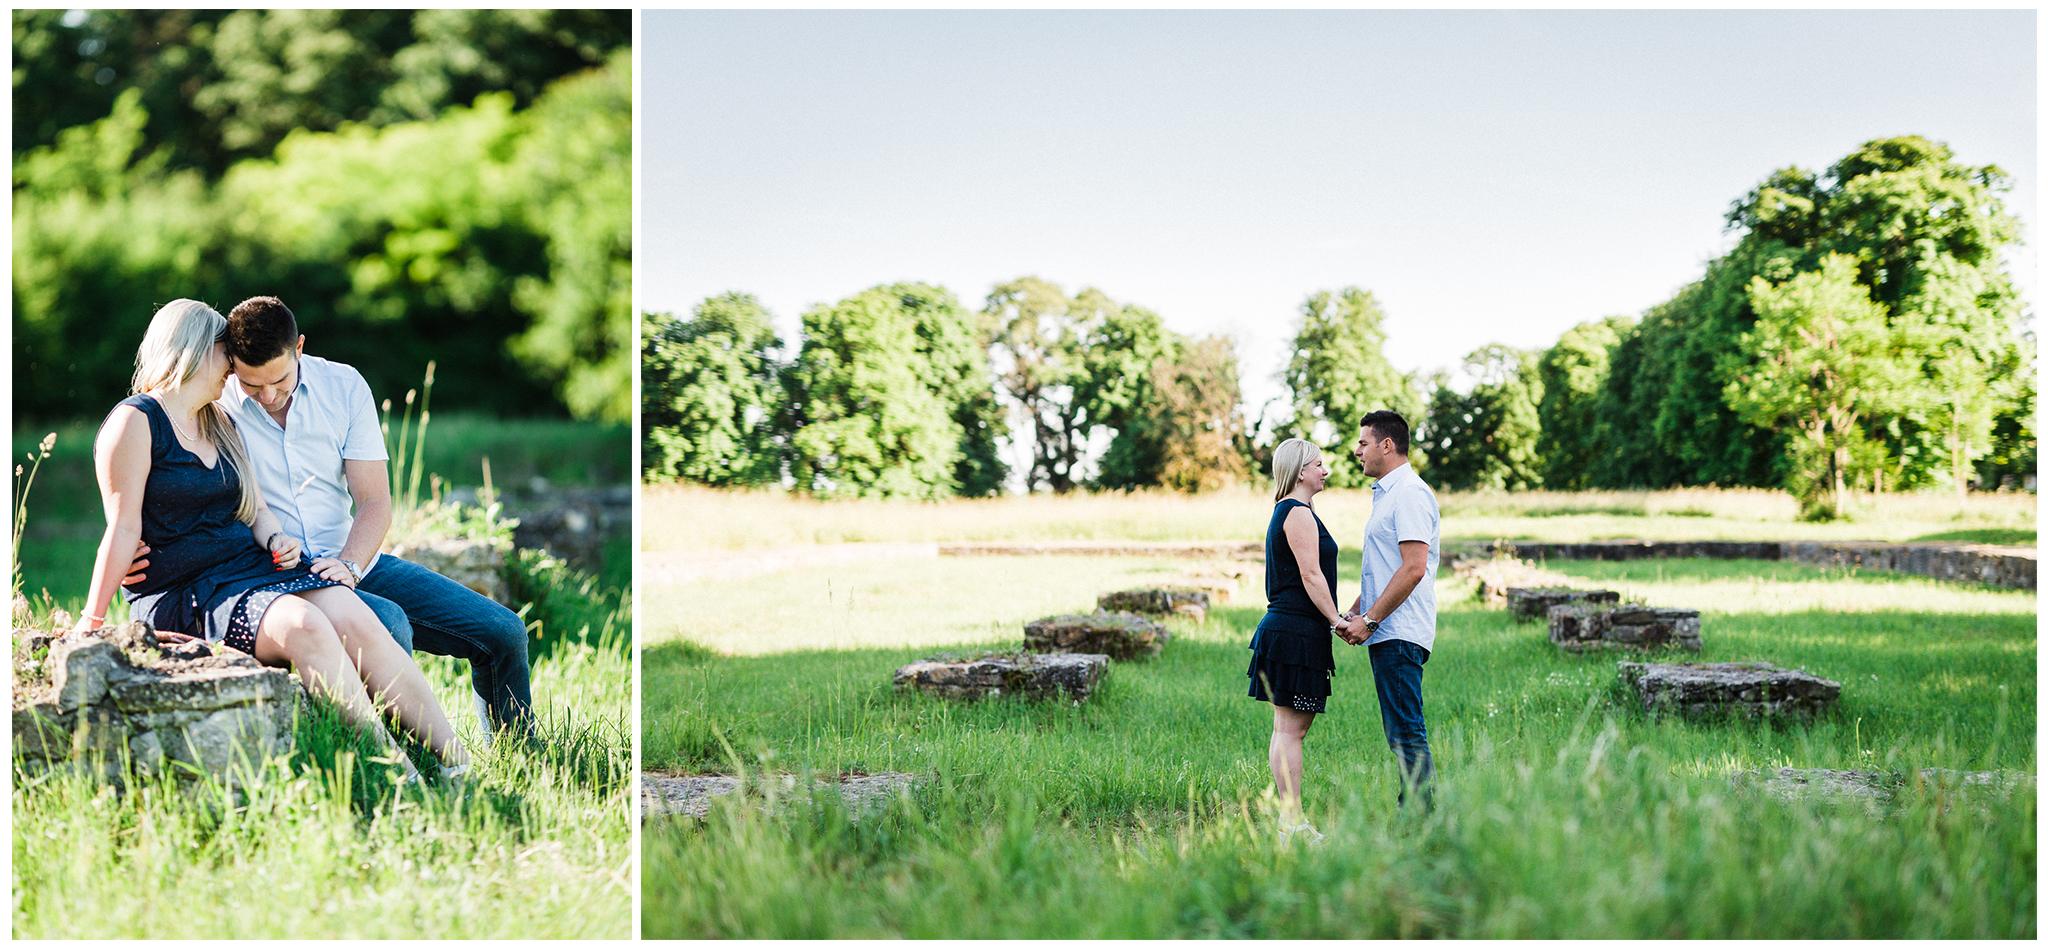 MONT_FylepPhoto, Esküvőfotós Vasmegye, Esküvő fotózás, Esküvői fotós, Körmend, Vas megye, Dunántúl, Budapest, Balaton, Fülöp Péter, Jegyes fotózás, jegyesfotó_Barb&Zoli,2018_9.jpg